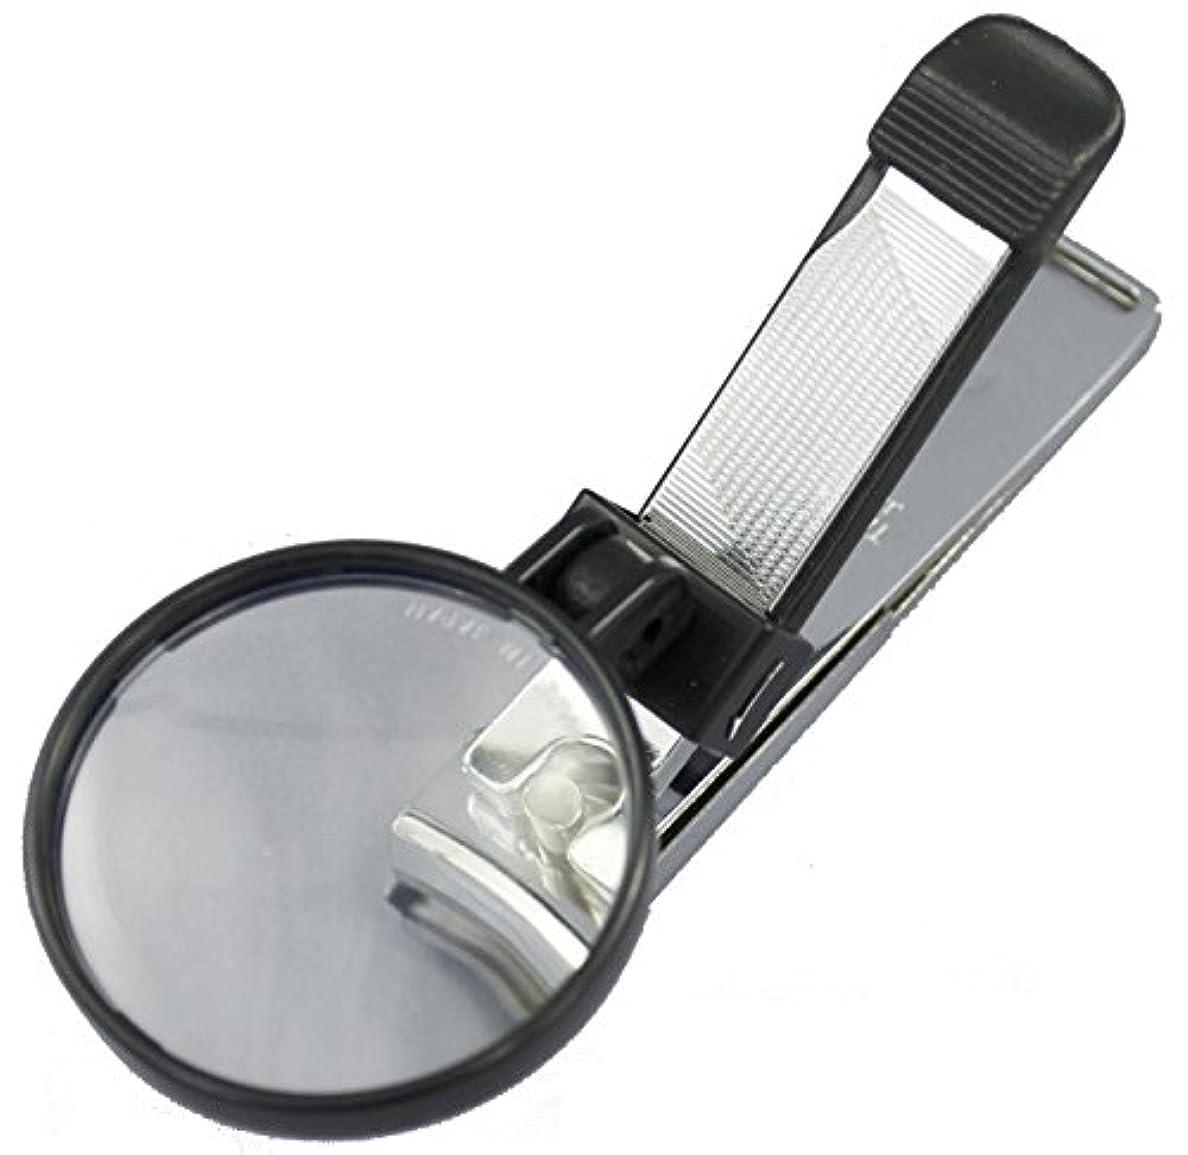 才能のある検出不合格日本製 拡大レンズ付 爪切り 足爪くん mir 1500L